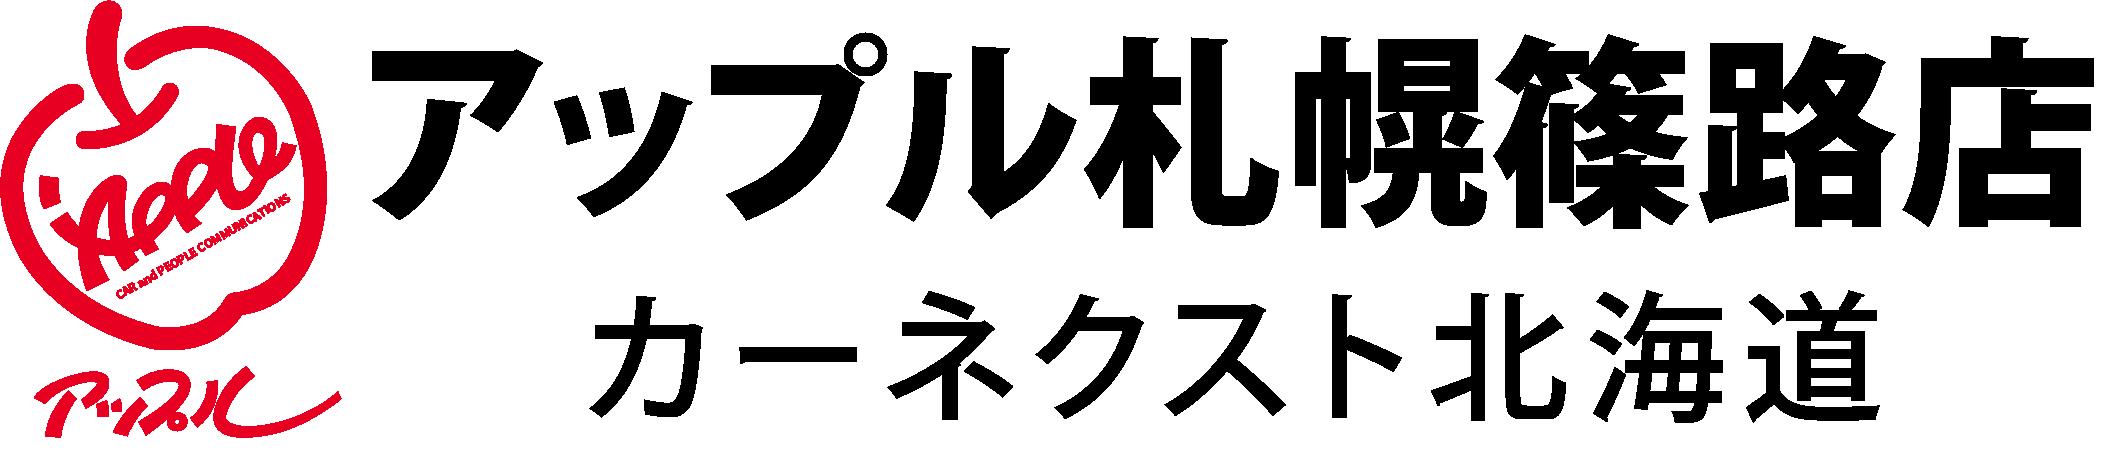 篠路店 ロゴ